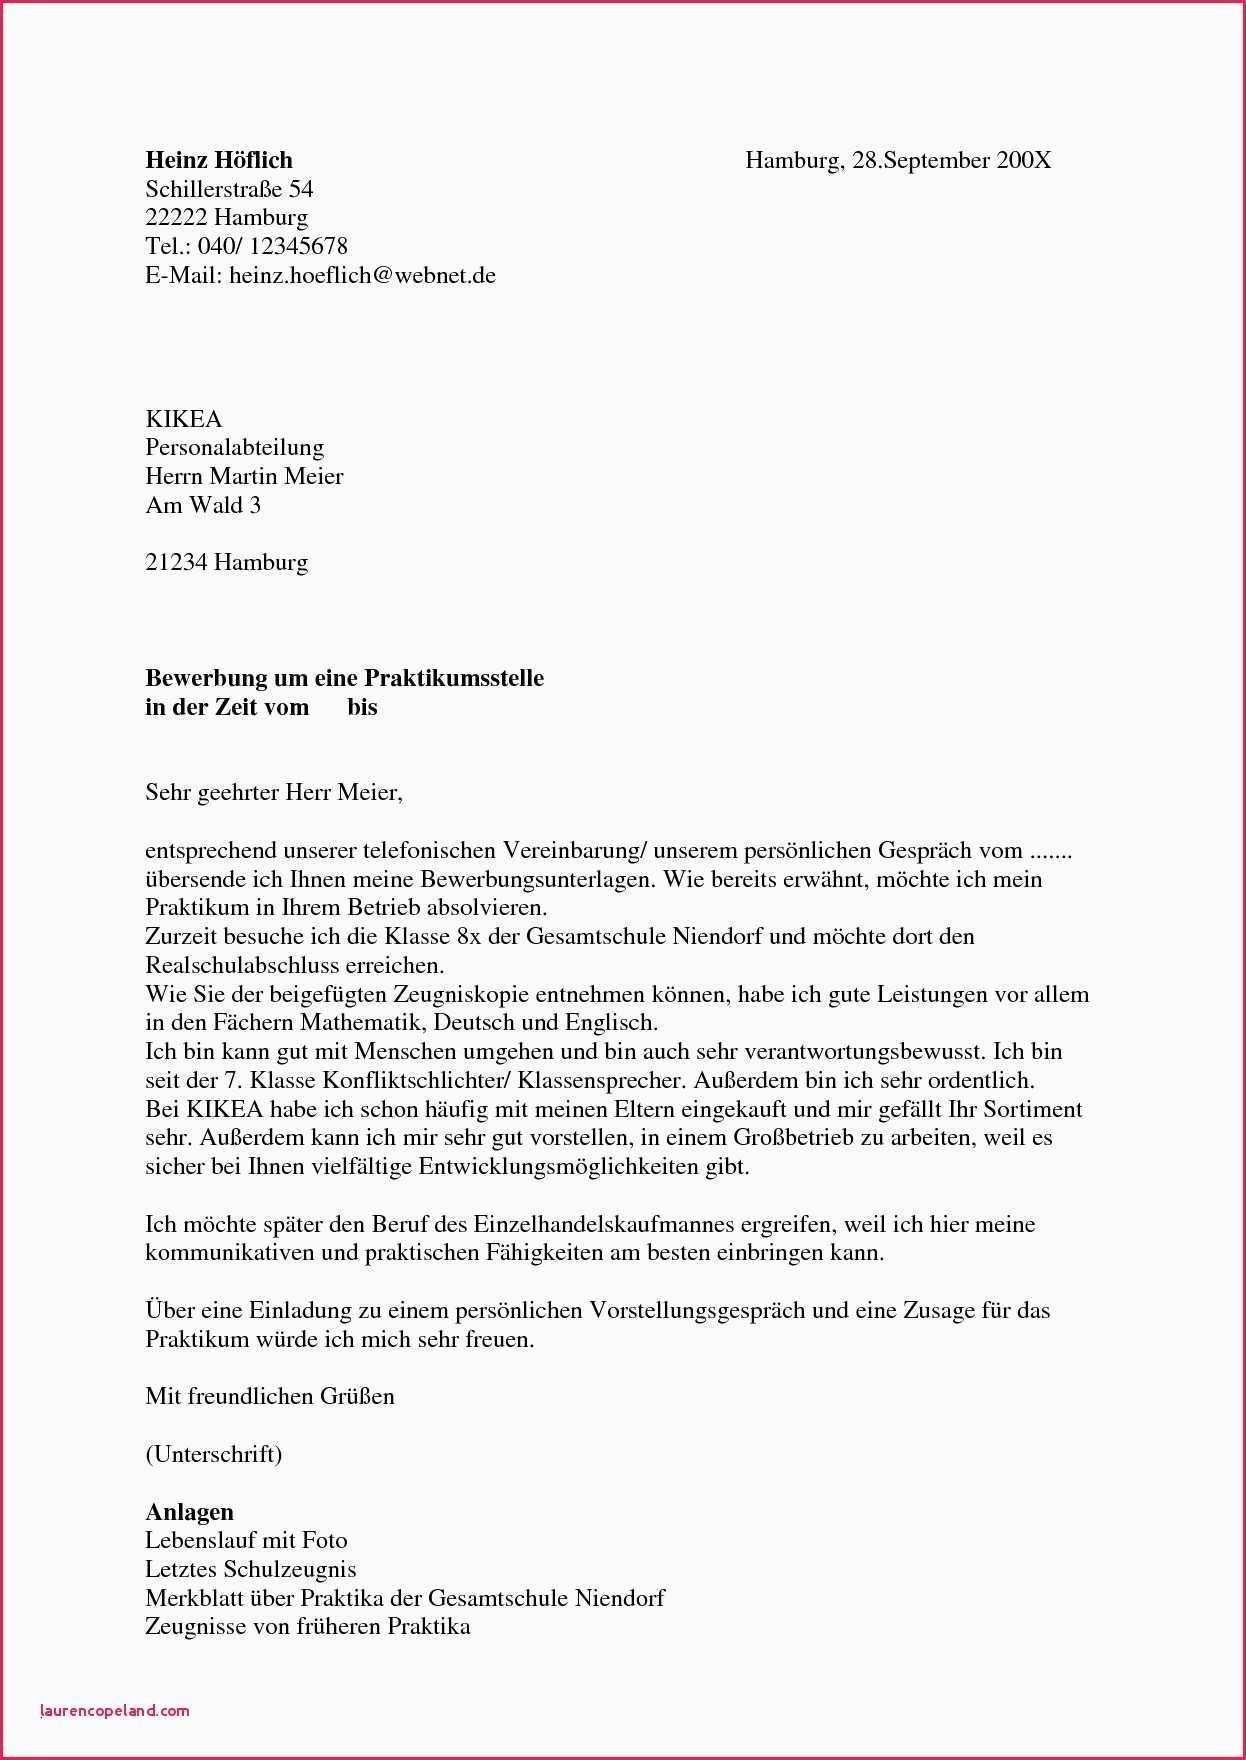 Neu Bewerbung Anschreiben Zeitarbeit Festanstellung Briefprobe Briefformat Briefvorlage Bewerbung Schreiben Lebenslauf Bewerbung Anschreiben Muster